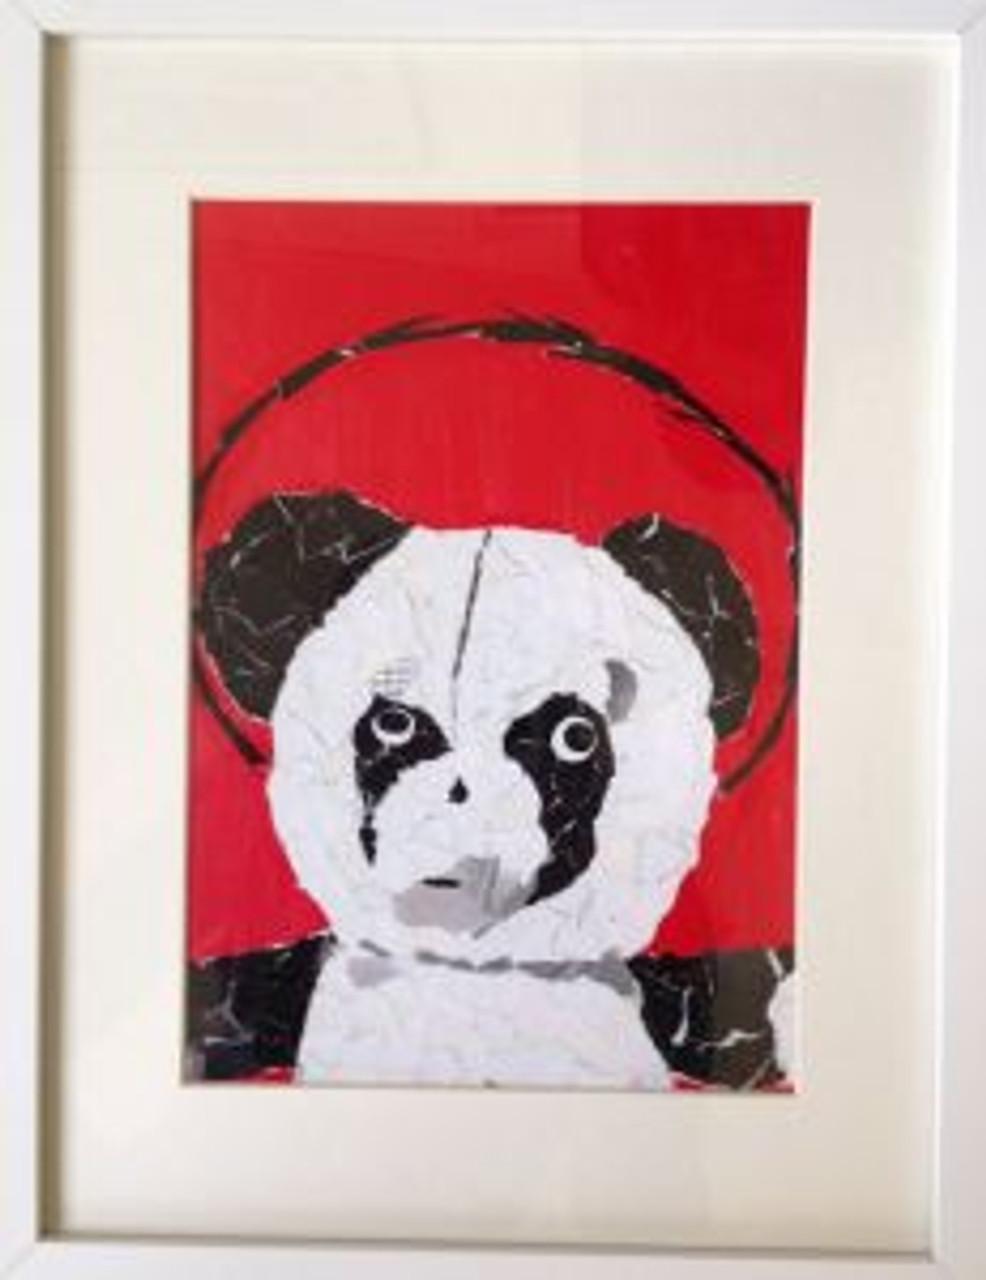 Saint Panda